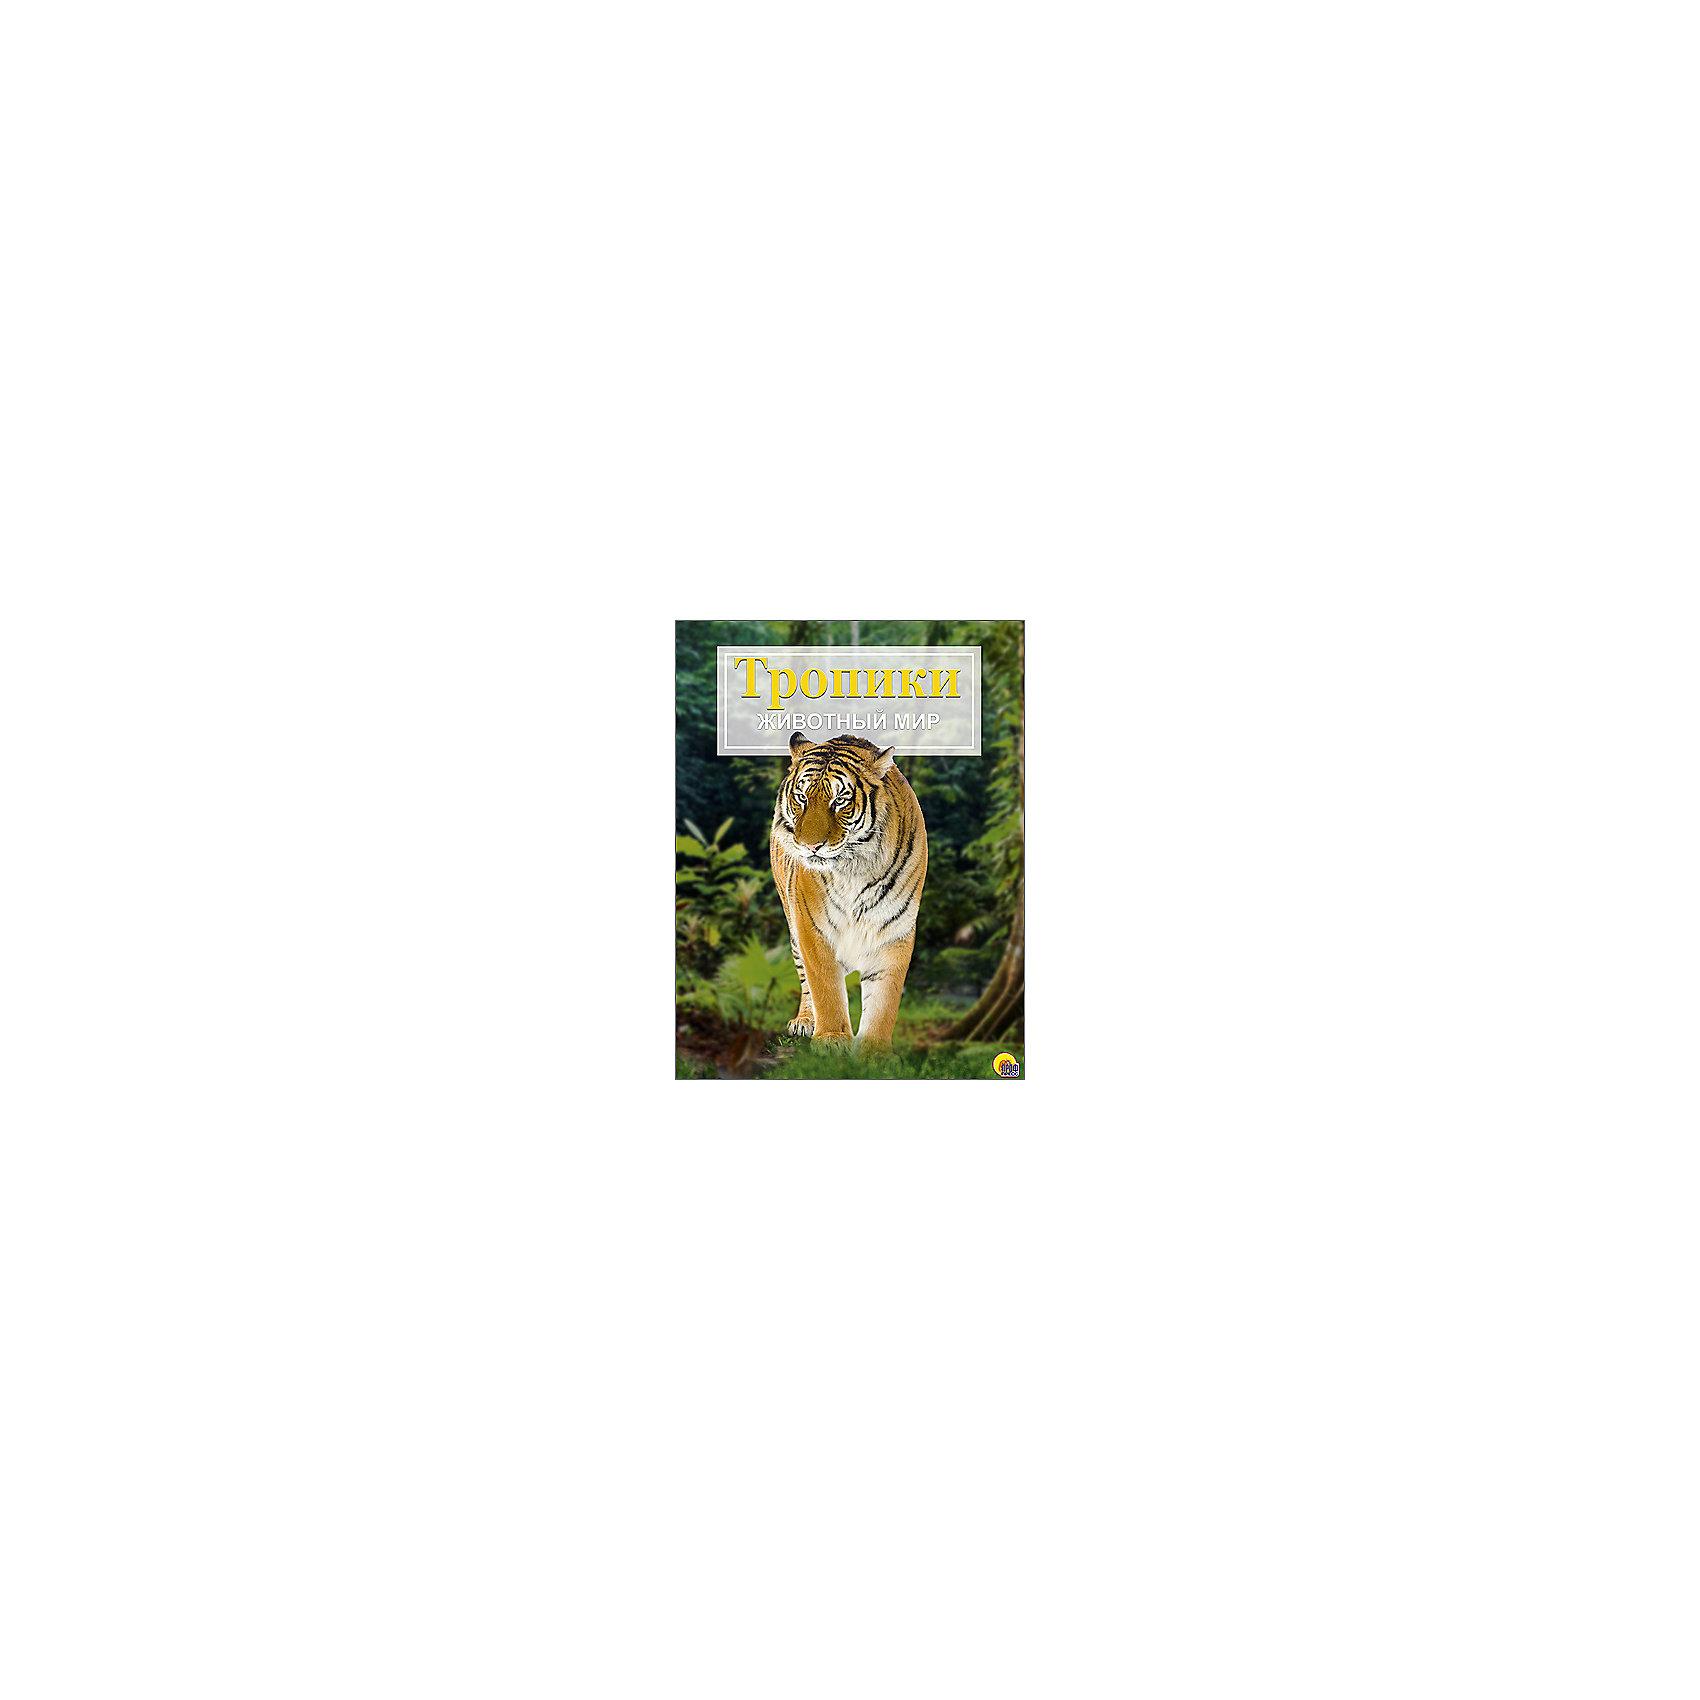 Энциклопедия Животный мир: ТропикиЭнциклопедии о животных<br>С познавательной энциклопедией Животный мир. Тропики ребенок сможет узнать о животных, которые обитают в тропиках. Натуралистические рисунки и карты-врезки помогут понять где обитает животное, которое заинтересовало ребенка. Для удобства изучения в книге предусмотрены алфавитный указатель, словарь, фотографии и карта климатических поясов. С этой книгой ребенку будет приятно и интересно узнавать окружающий мир!<br>Дополнительная информация:<br>Издательство: Проф-Пресс<br>Год выпуска: 2016<br>Обложка: твердый переплет<br>Иллюстрации: цветные<br>Количество страниц: 48<br>ISBN:978-5-378-21450-1<br>Размер: 16,5х1х23,5 см<br>Вес: 508 грамм<br>Энциклопедию Животный мир. Тропики вы можете купить в нашем интернет-магазине.<br><br>Ширина мм: 235<br>Глубина мм: 10<br>Высота мм: 165<br>Вес г: 508<br>Возраст от месяцев: 72<br>Возраст до месяцев: 36<br>Пол: Унисекс<br>Возраст: Детский<br>SKU: 4905937